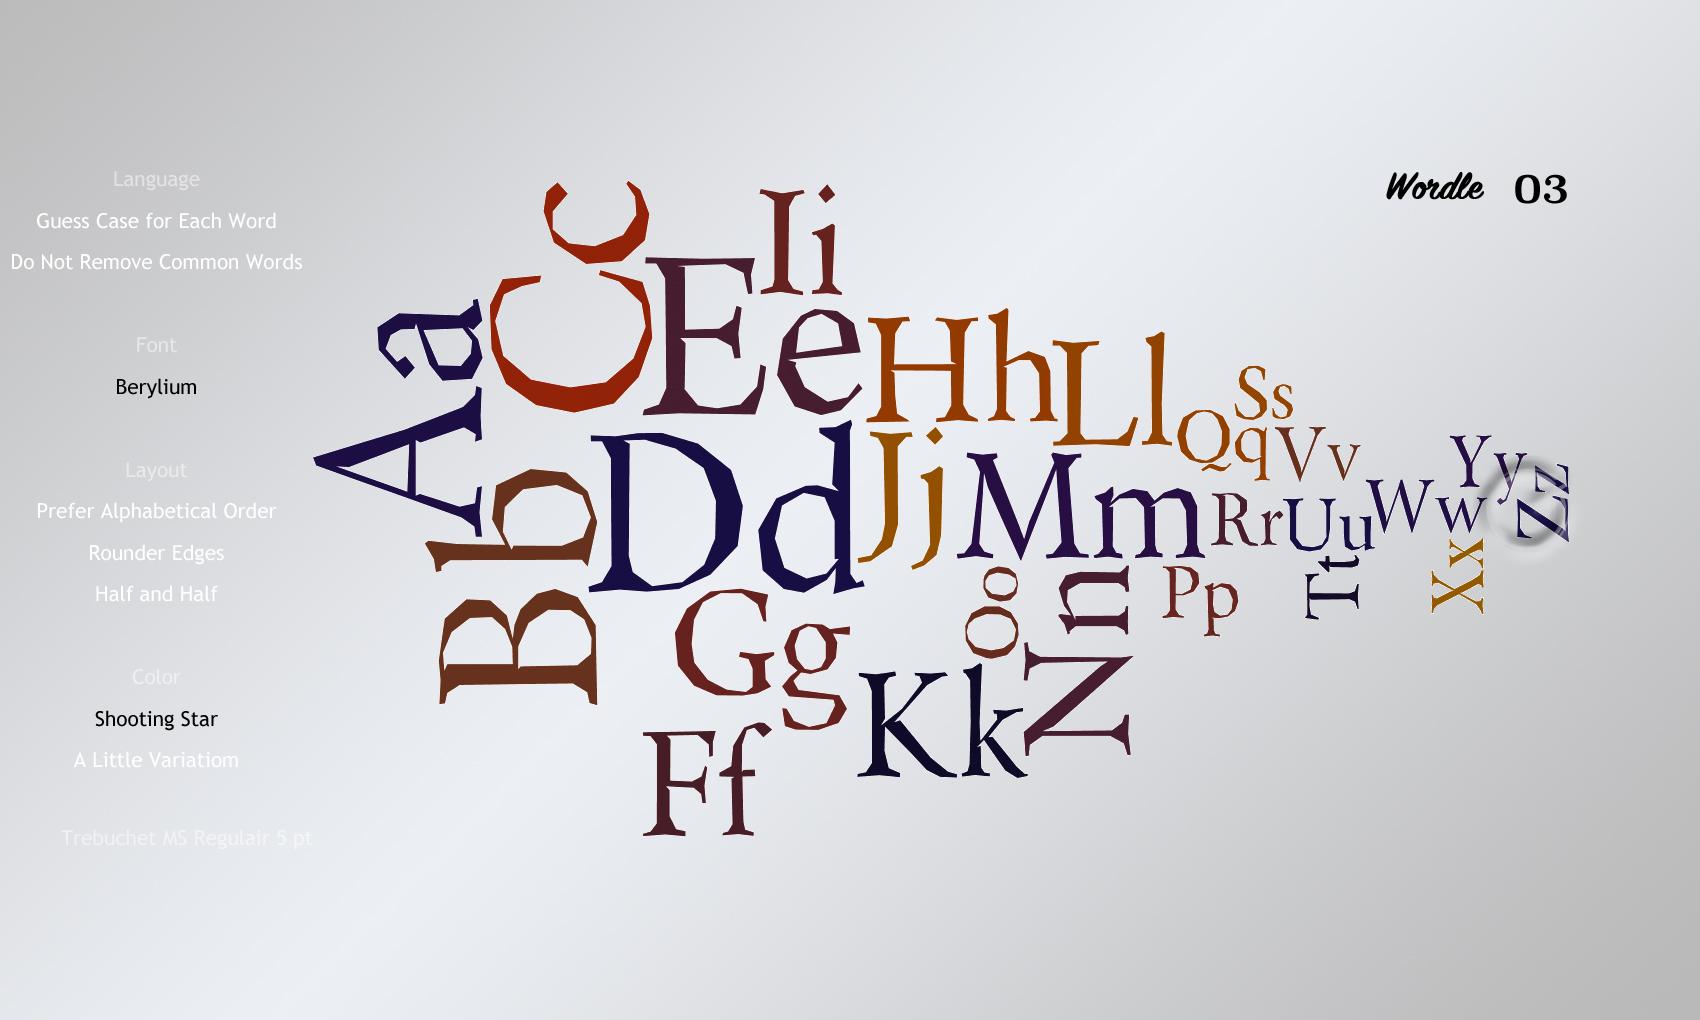 Wordle03 Berylium